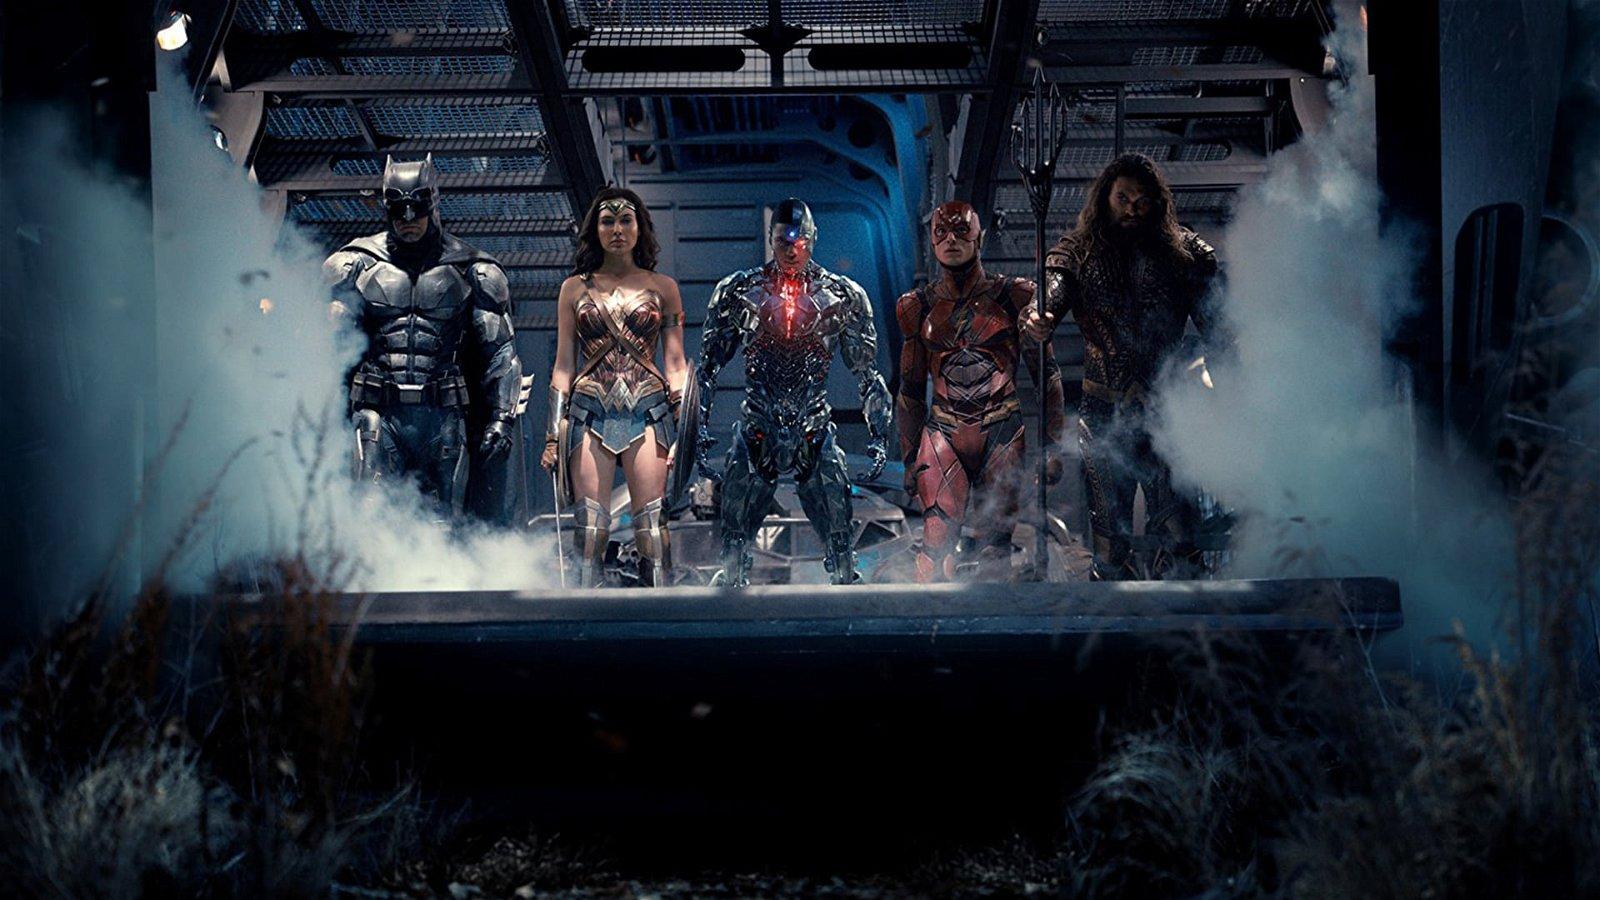 Justice League (2017) Review 2